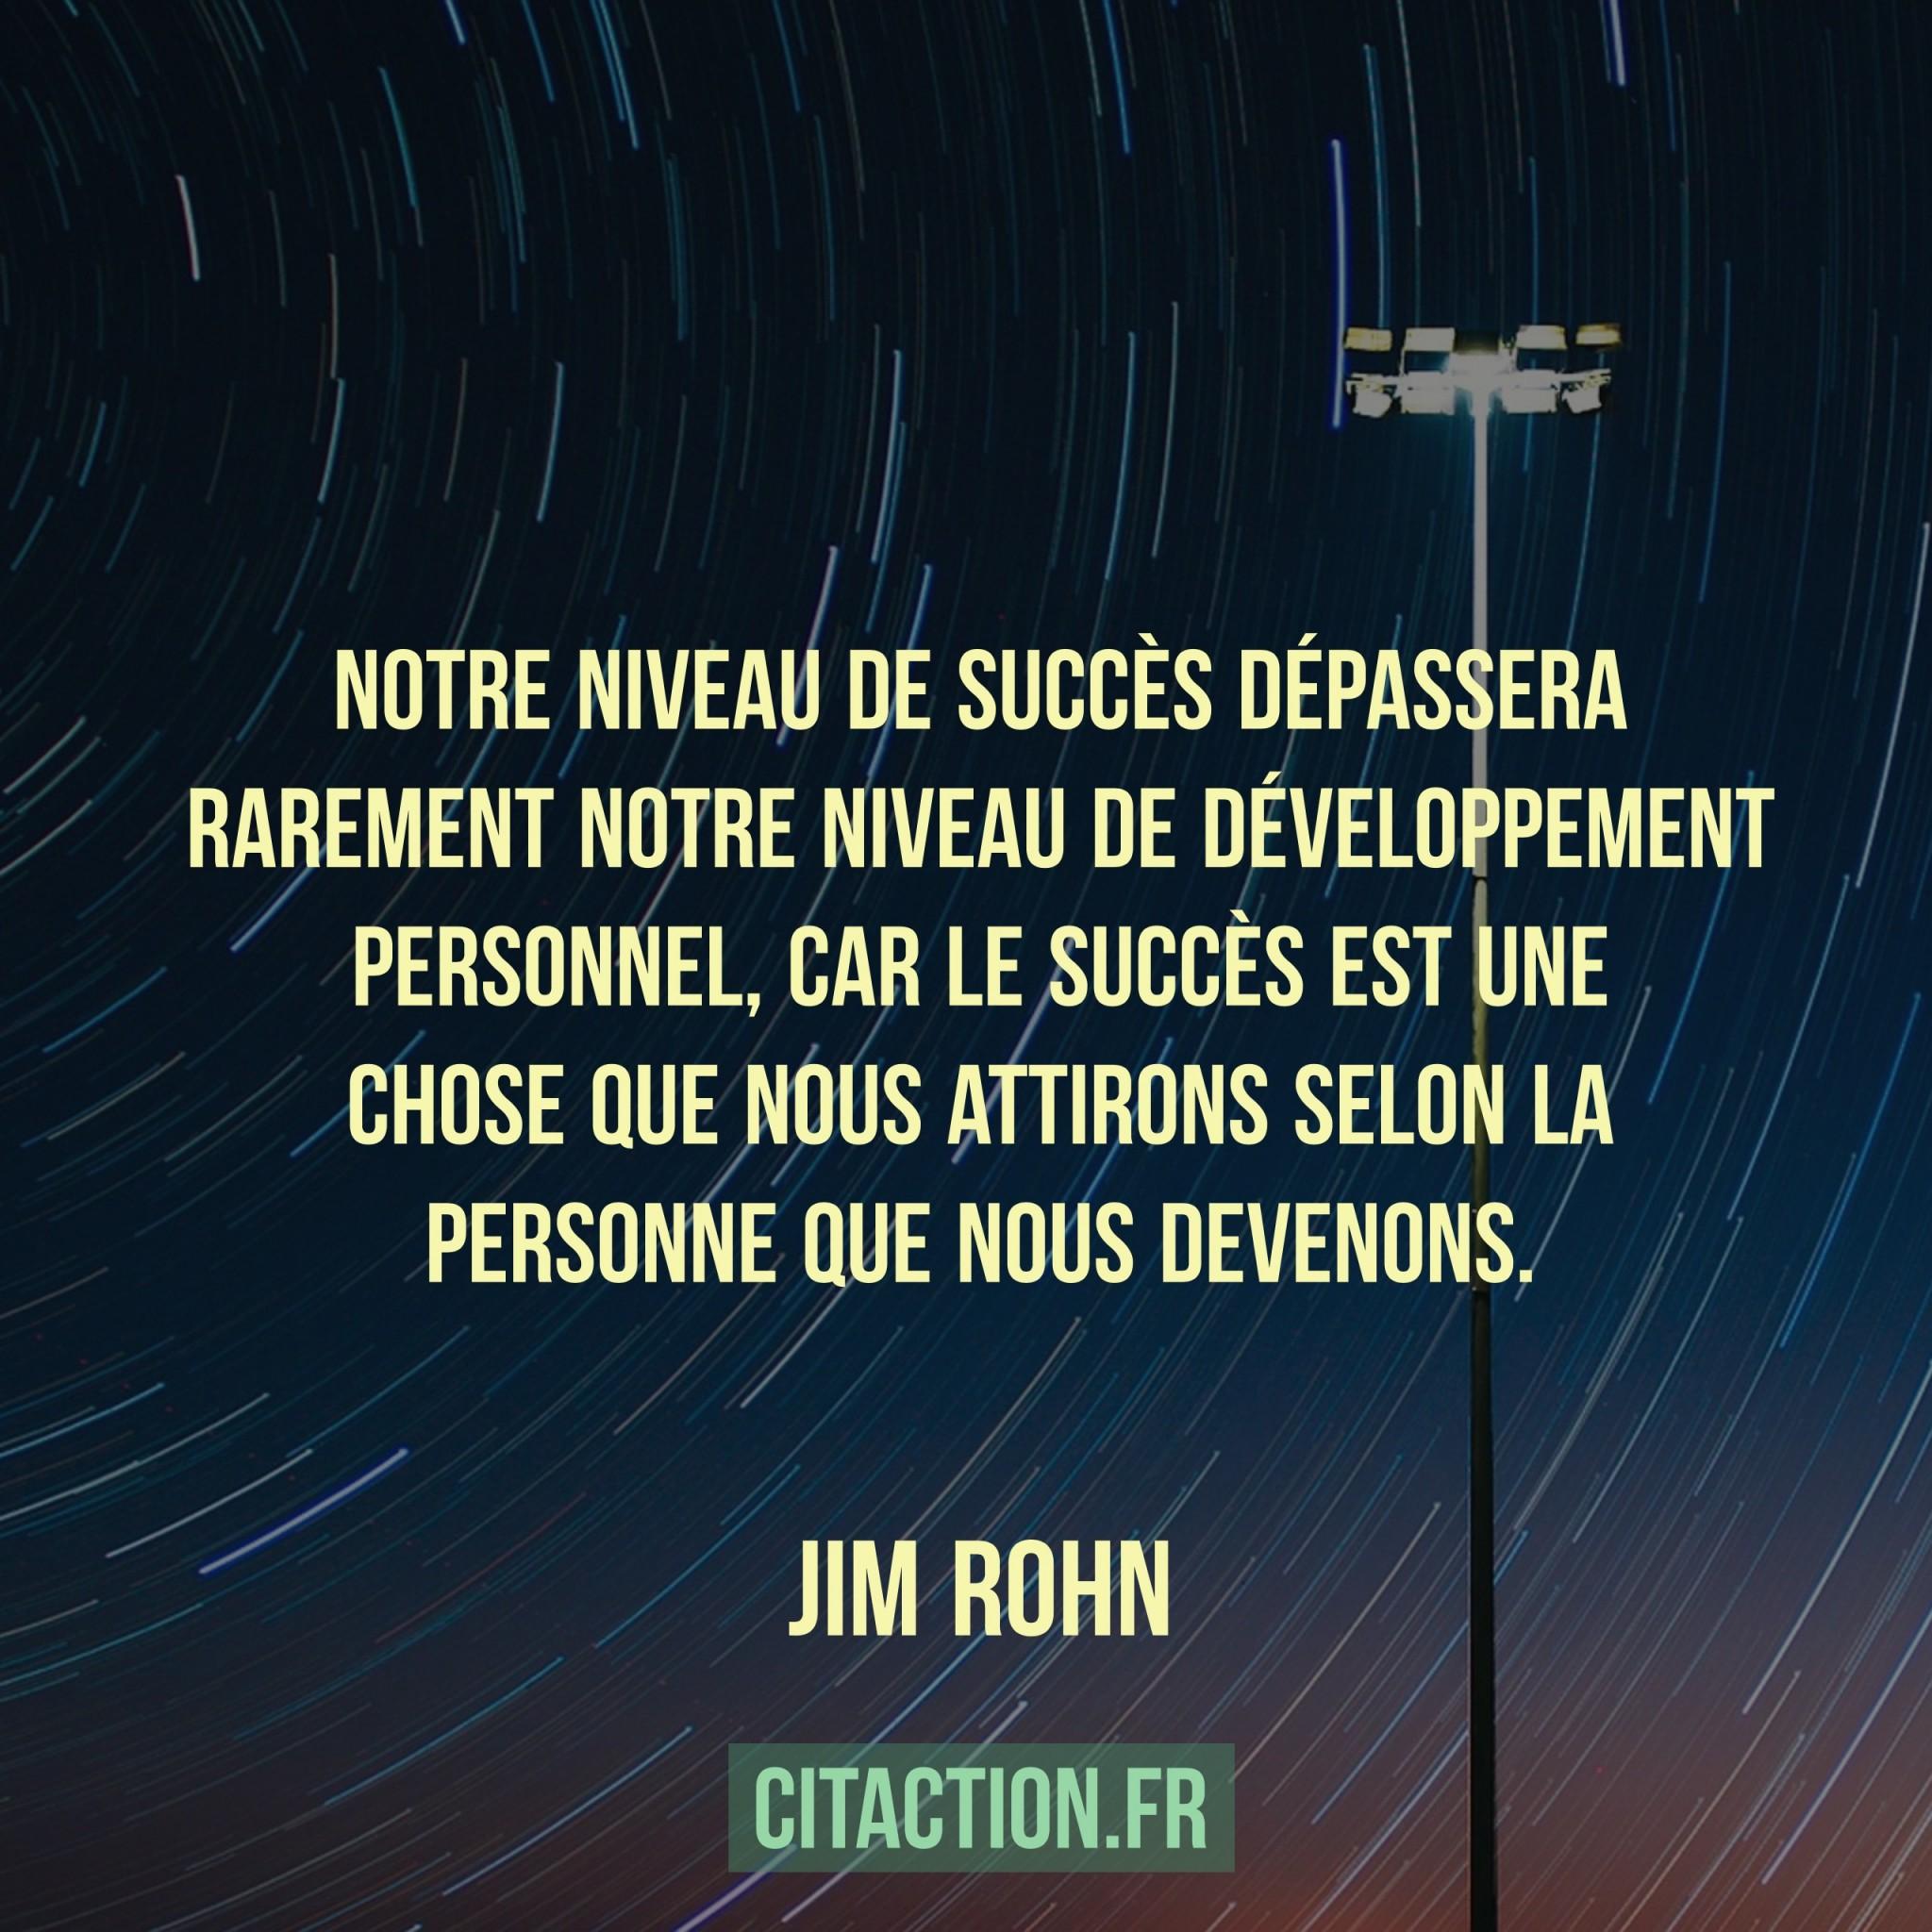 Notre niveau de succès dépassera rarement notre niveau de développement personnel, car le succès est une chose que nous attirons selon la personne que nous devenons.